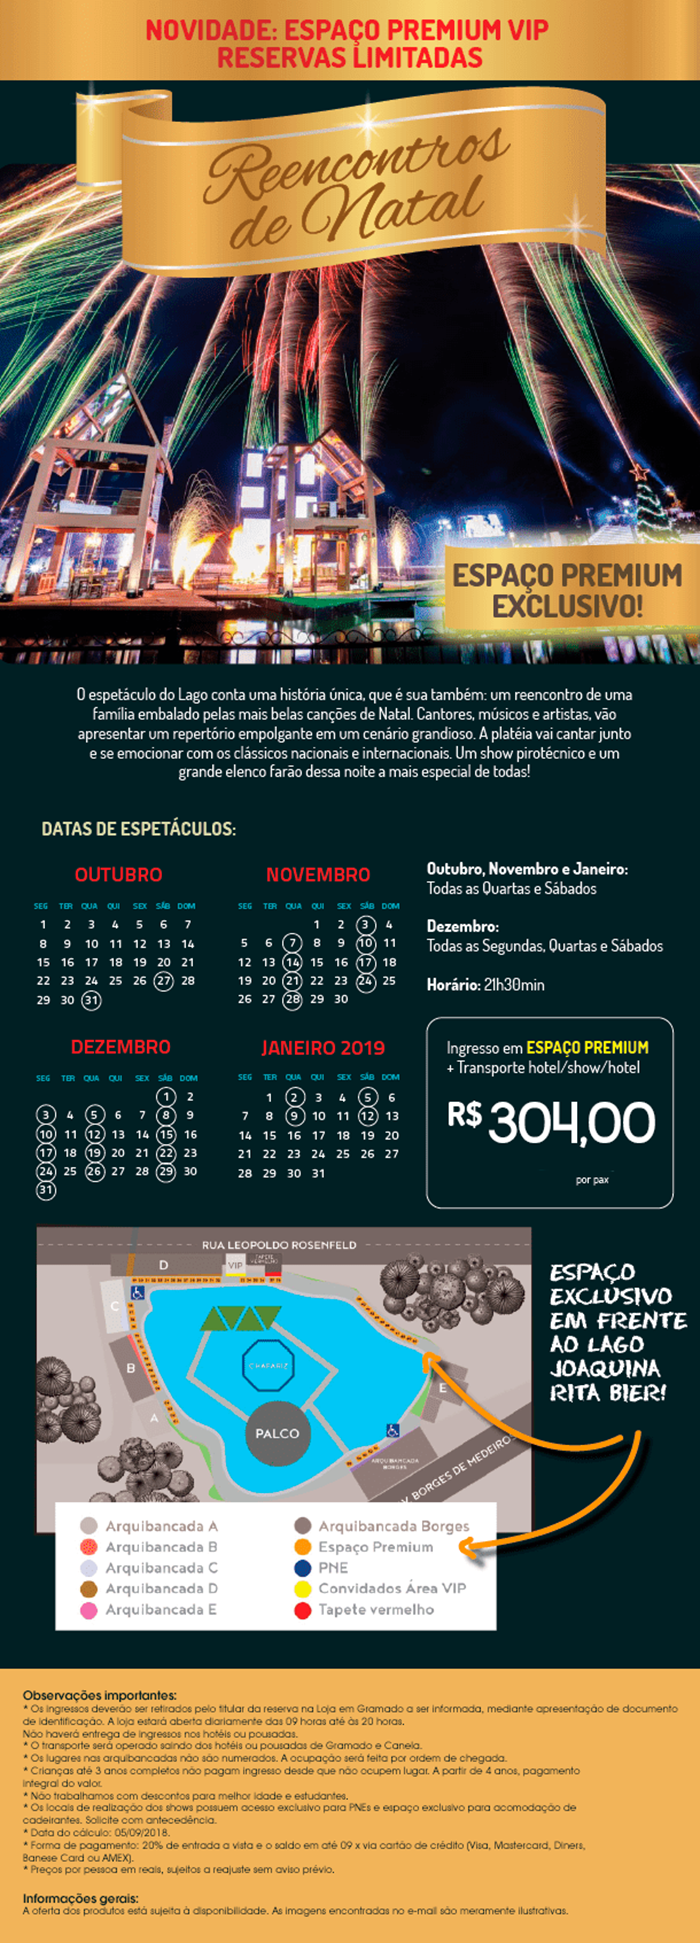 20180905_Reencontros_de_Natal_Lamina.png (610×1693)